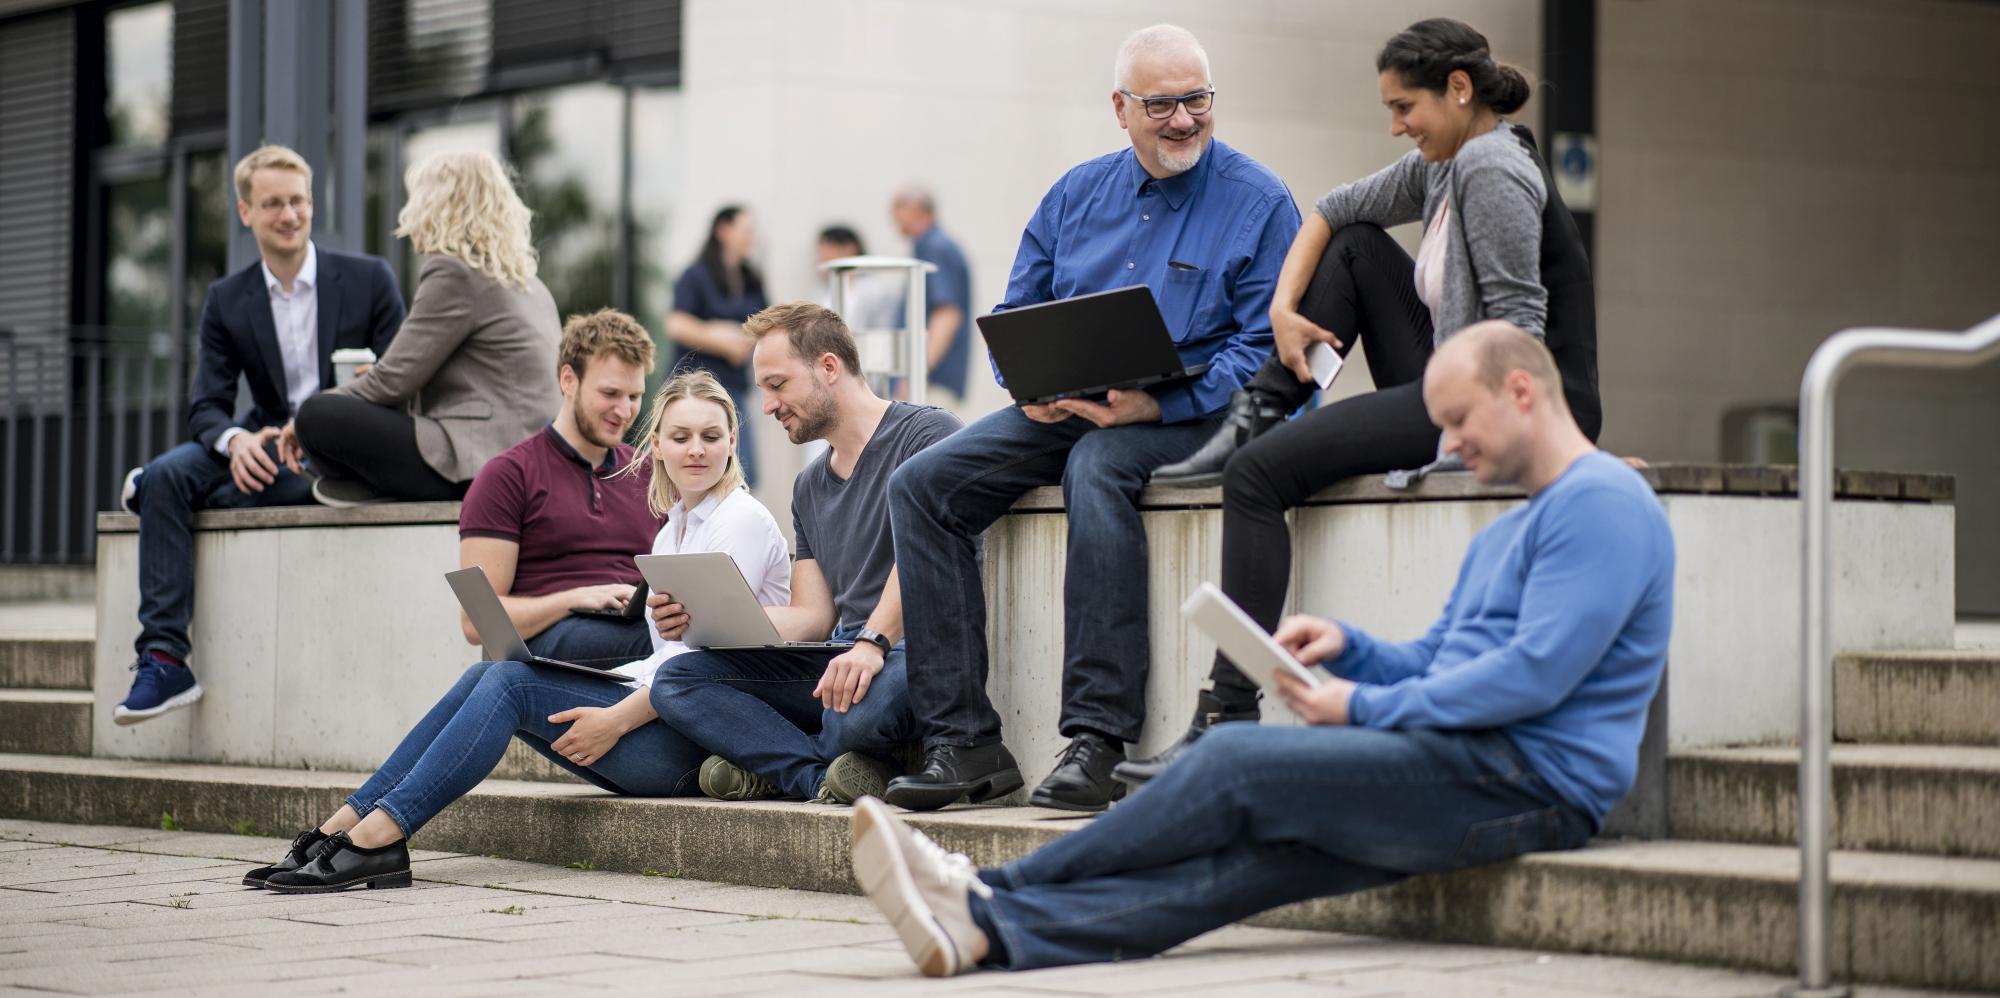 Mehrere Personen sitzen auf dem Campus der FernUniveristät mit Laptops